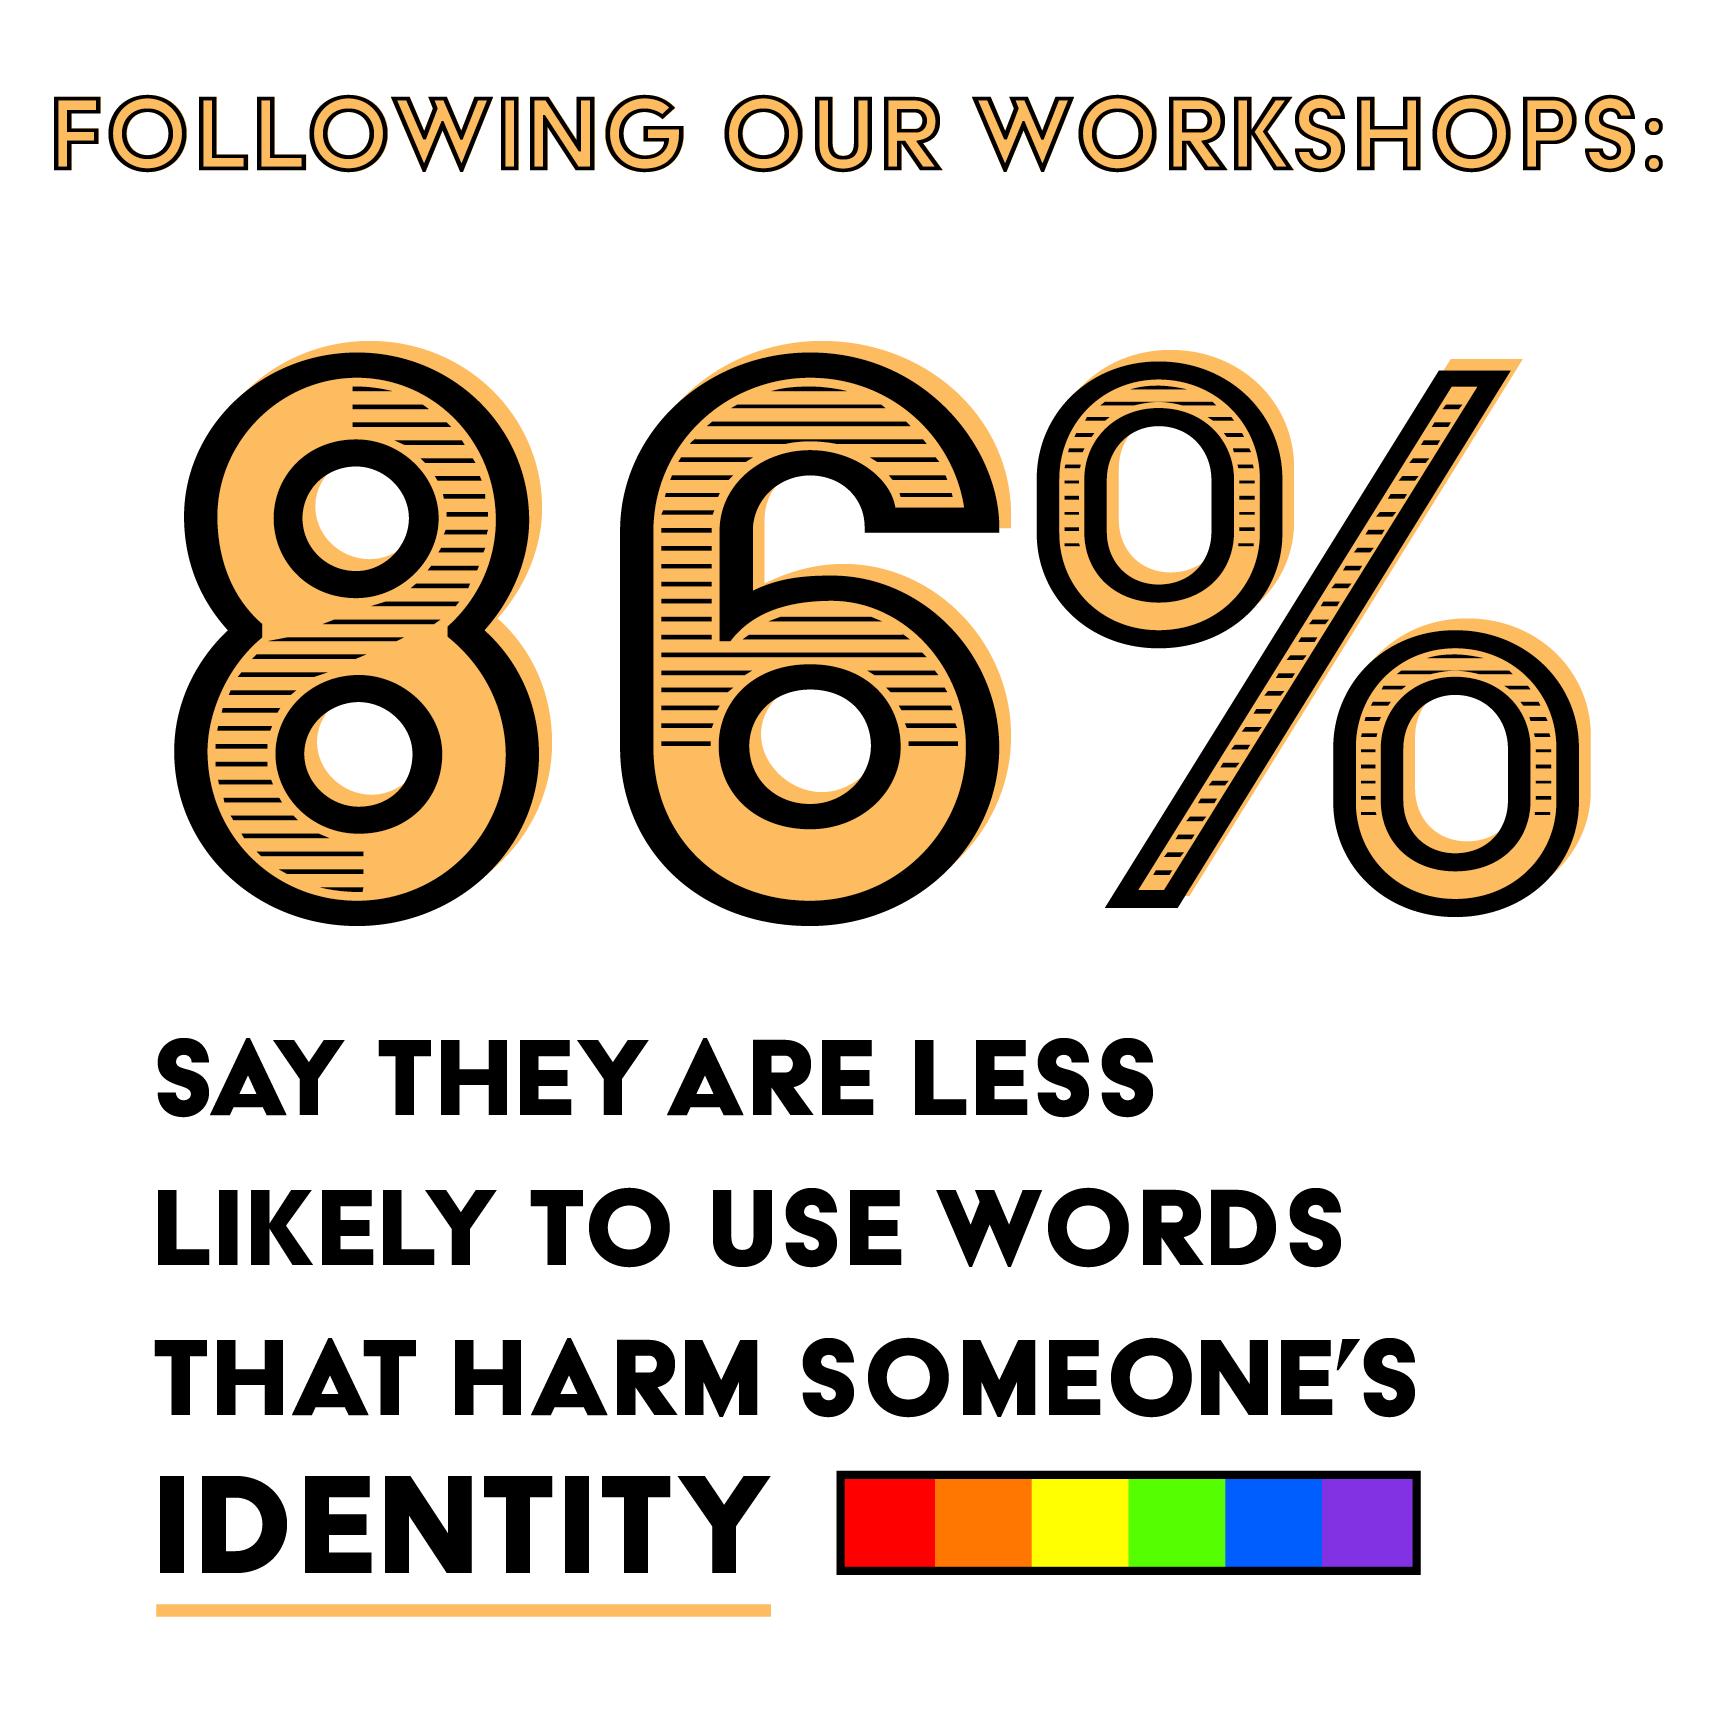 Stats-Workshops-86LessWords.png